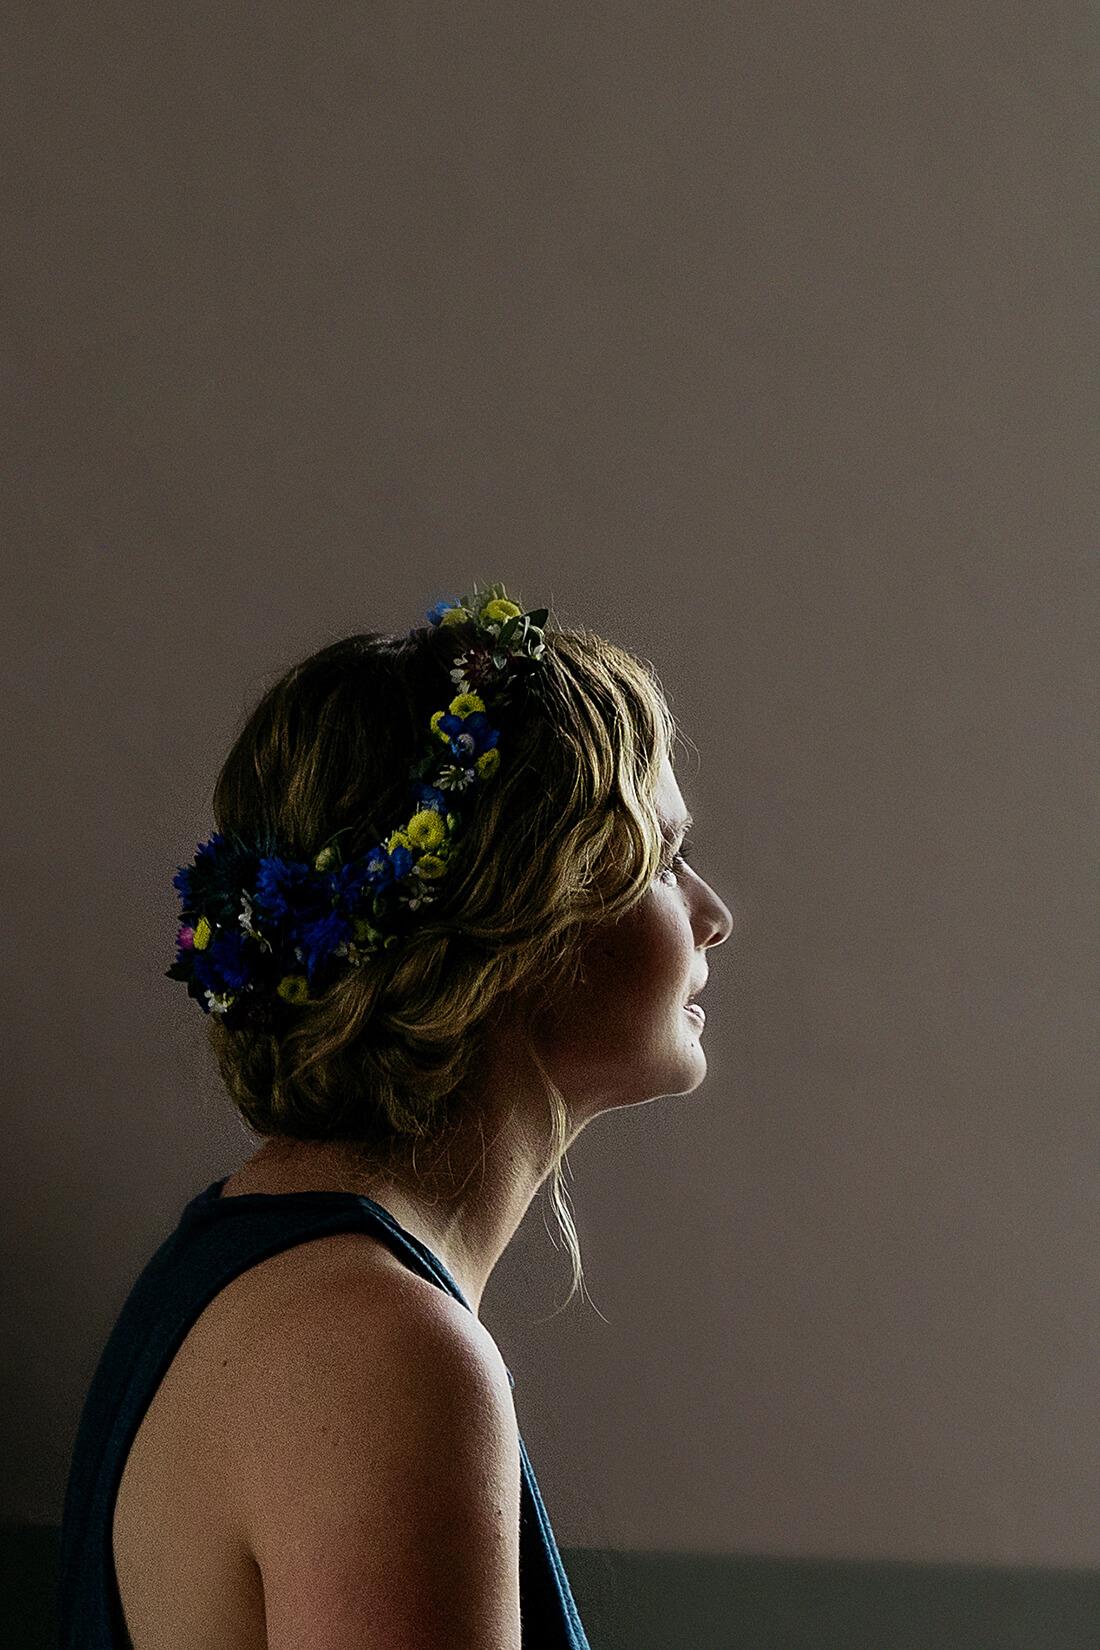 Brautportrait beim Getting Ready Hochzeitsreportage © Hochzeitsfotograf Miriam Ellerbrake 2018